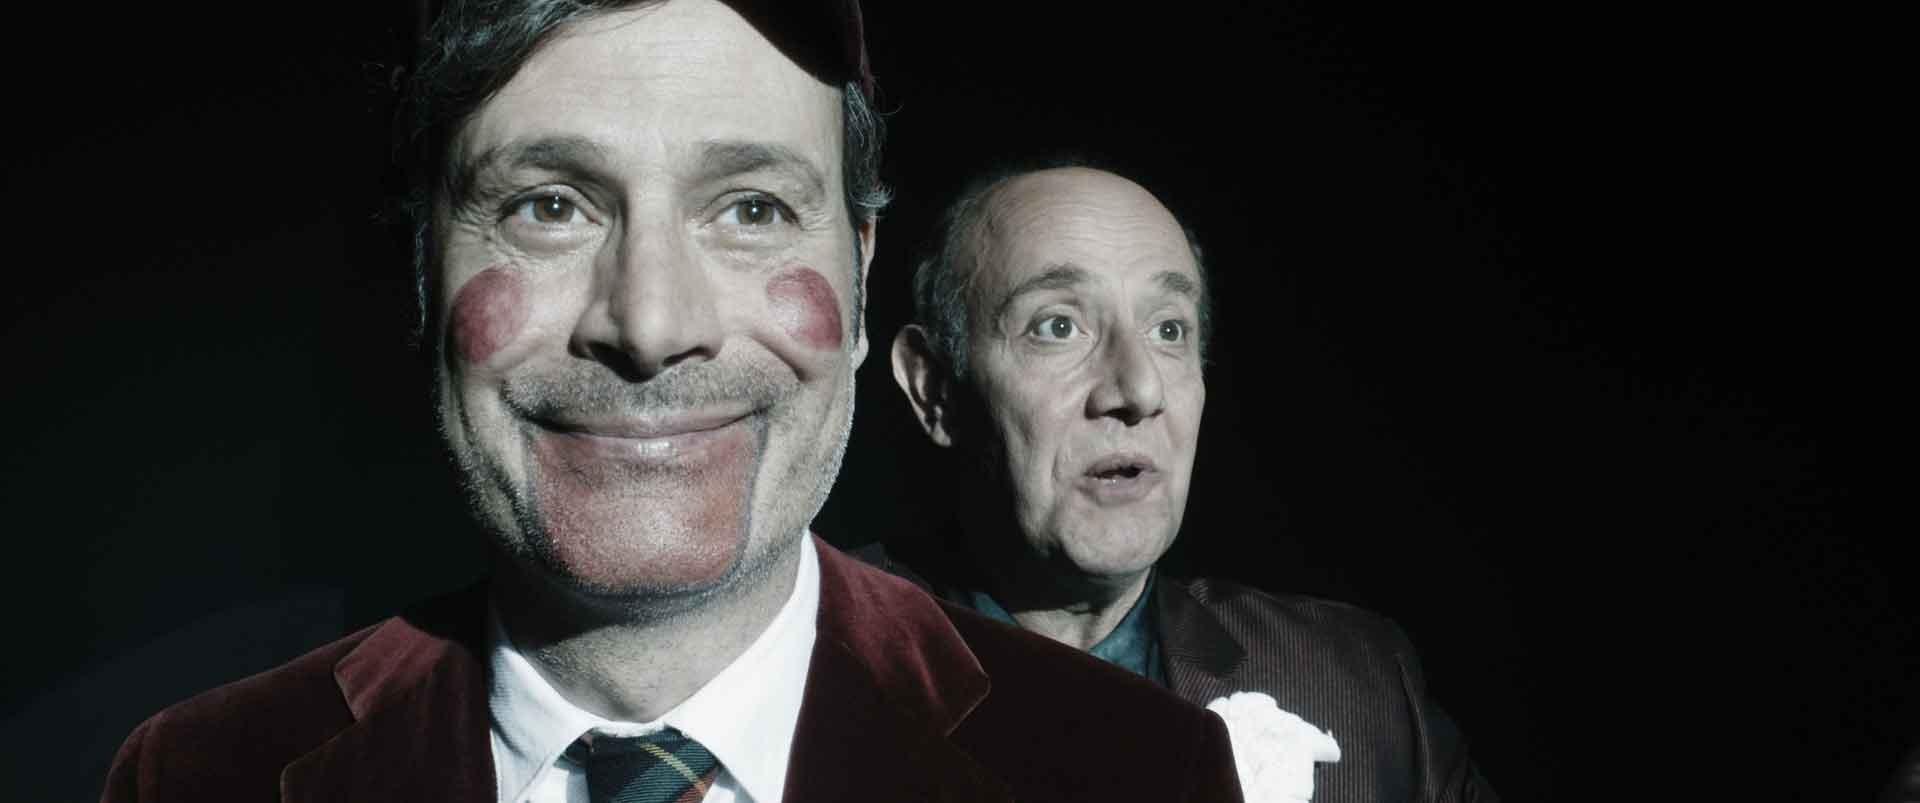 Maschile Singolare (2021), la recensione della rom-com con Giancarlo Commare e Gianmarco Saurino